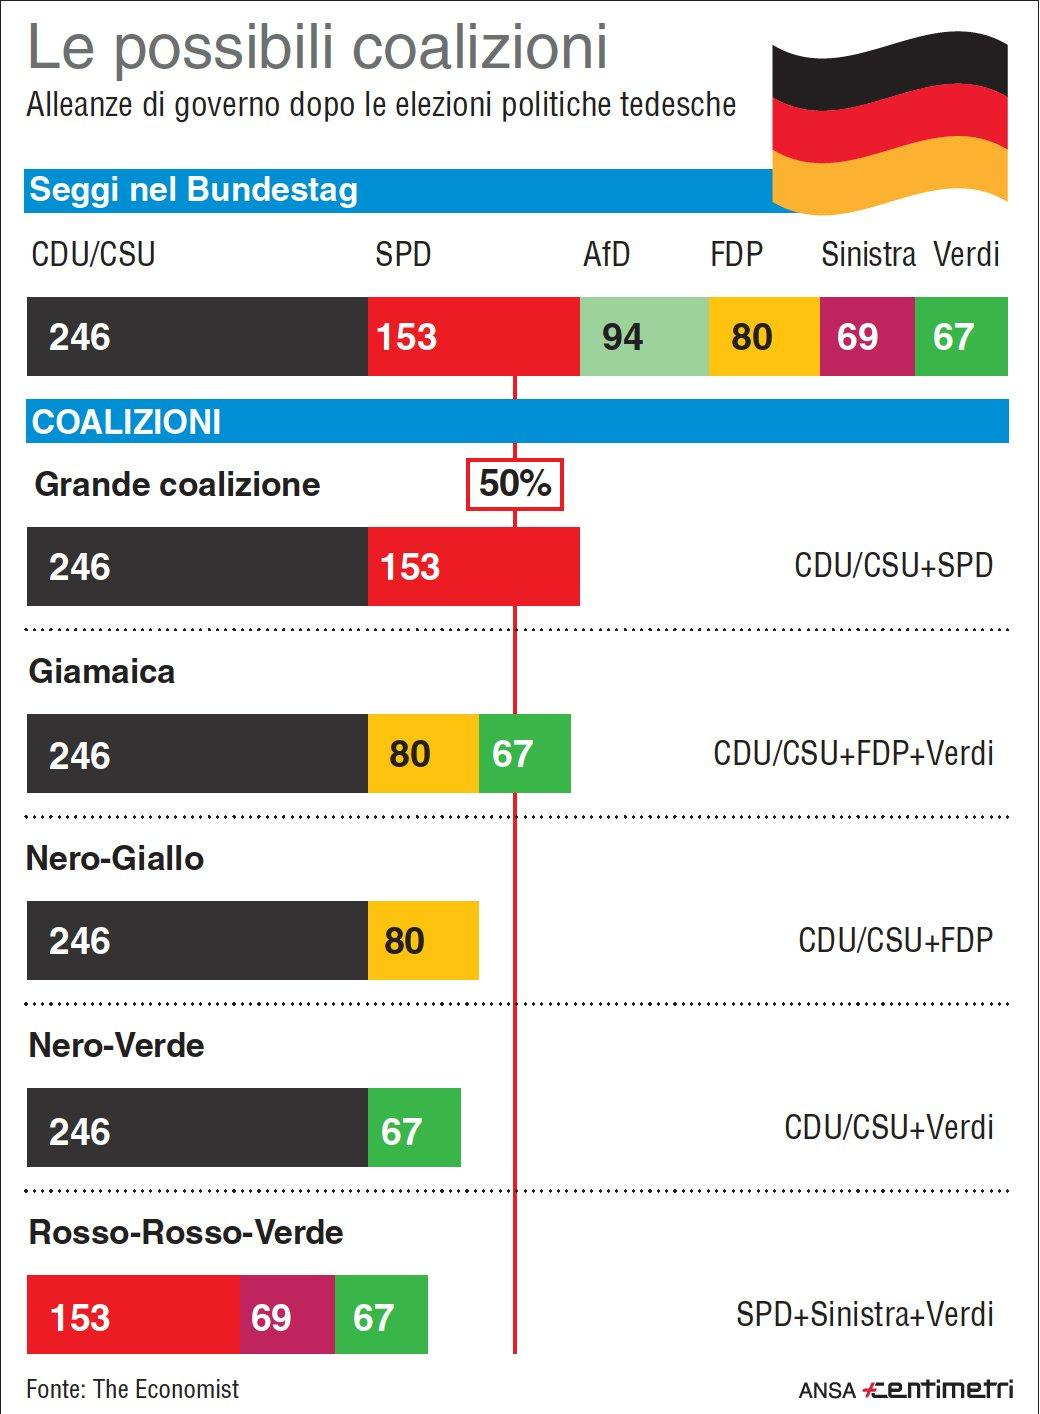 Post voto in Germania, prove di coalizione